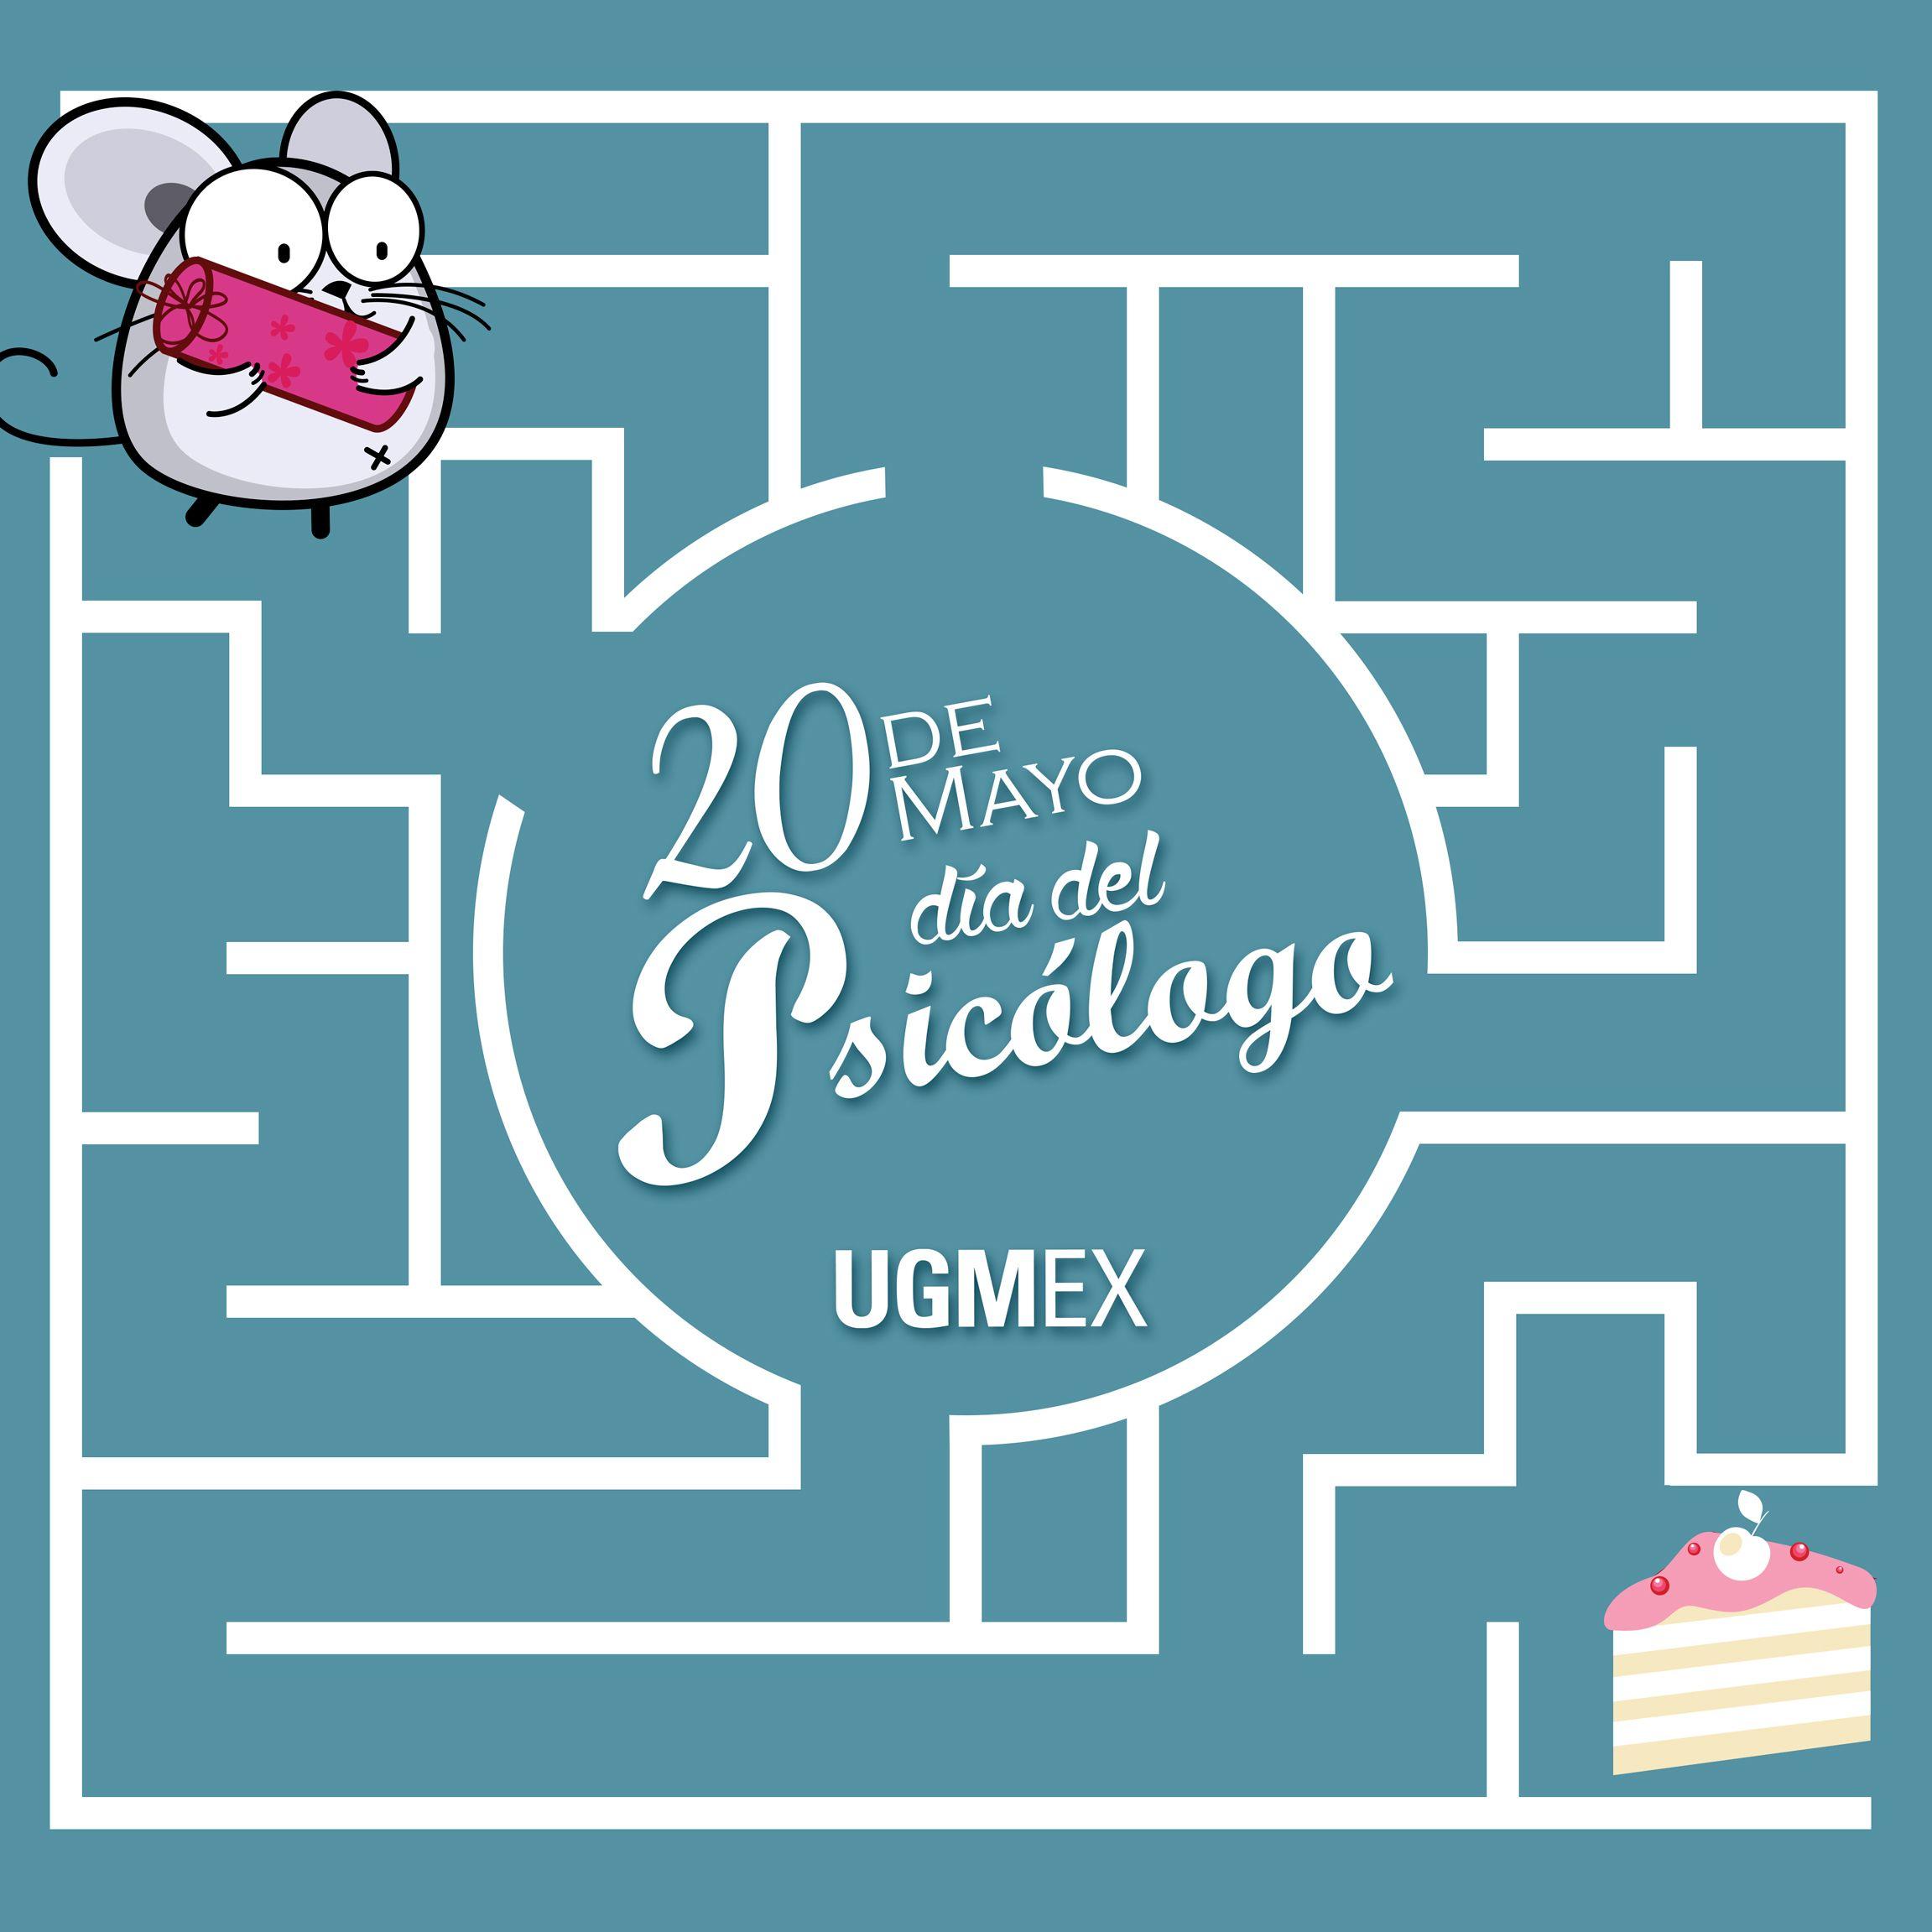 DiadelPsicologo #Psicología #UGMEX Felicidades en su Día ...